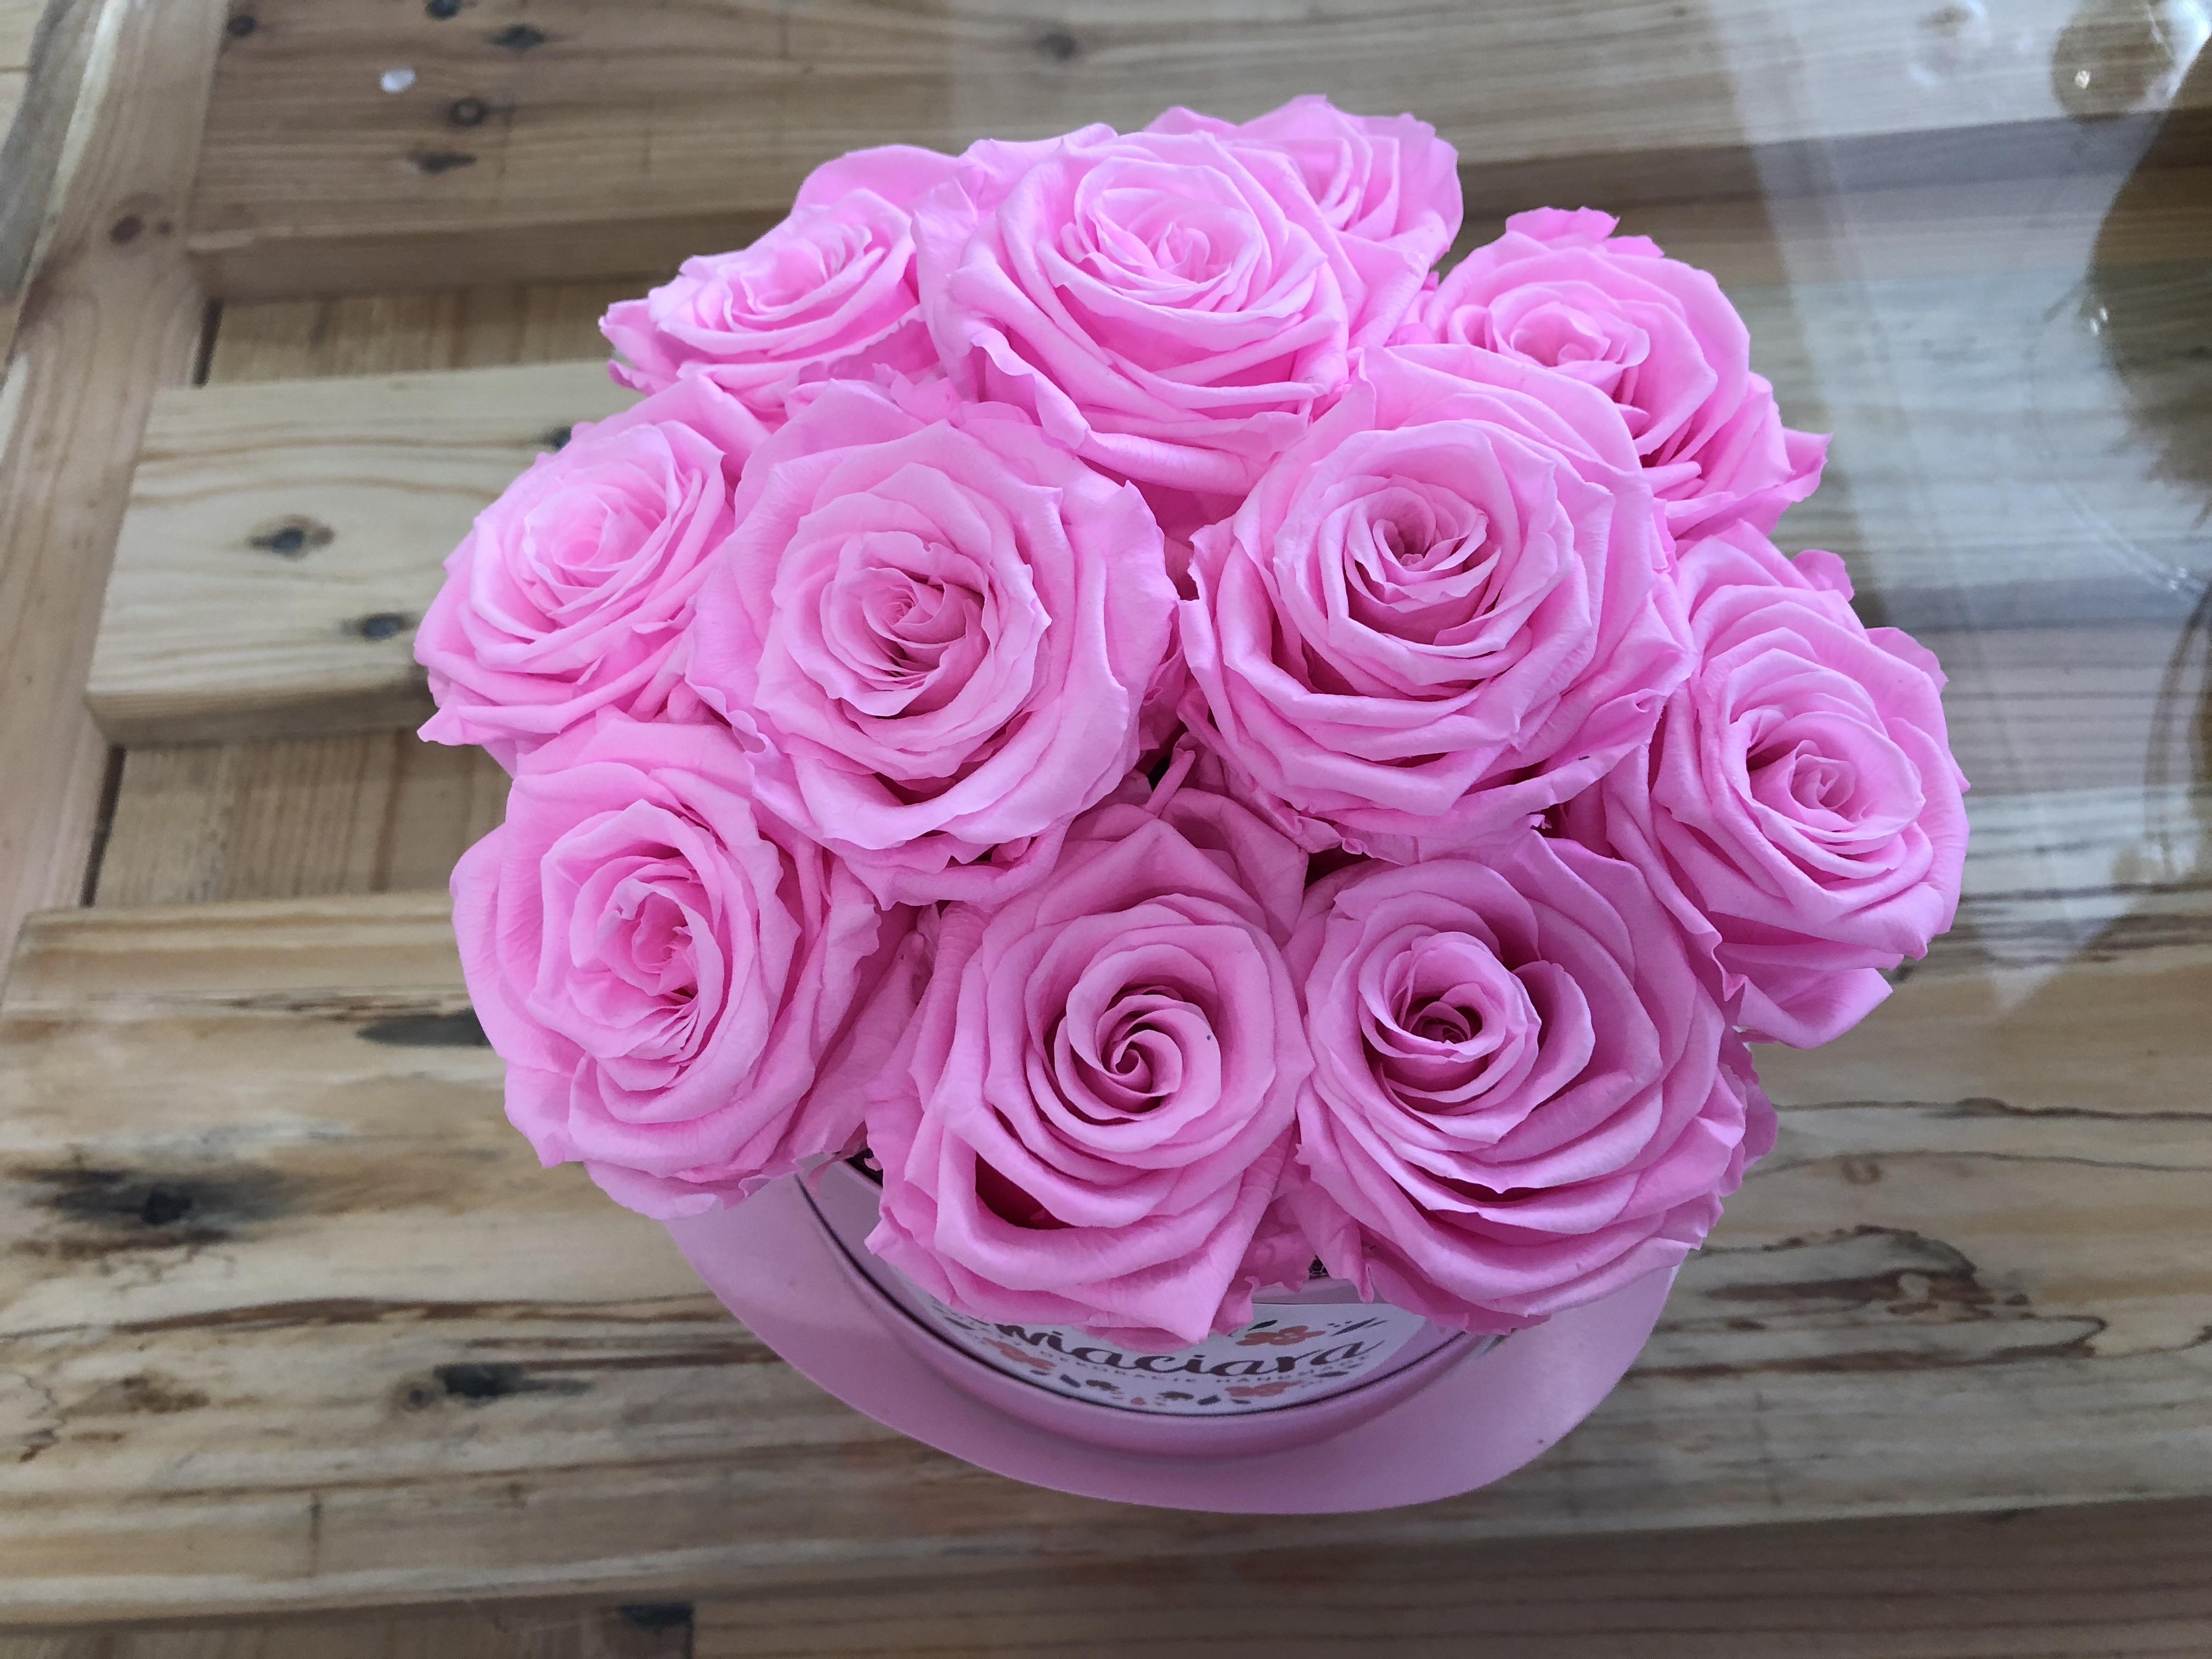 Wieczne róże – wszystko, co powinniście wiedzieć o tym florystycznym wynalazku